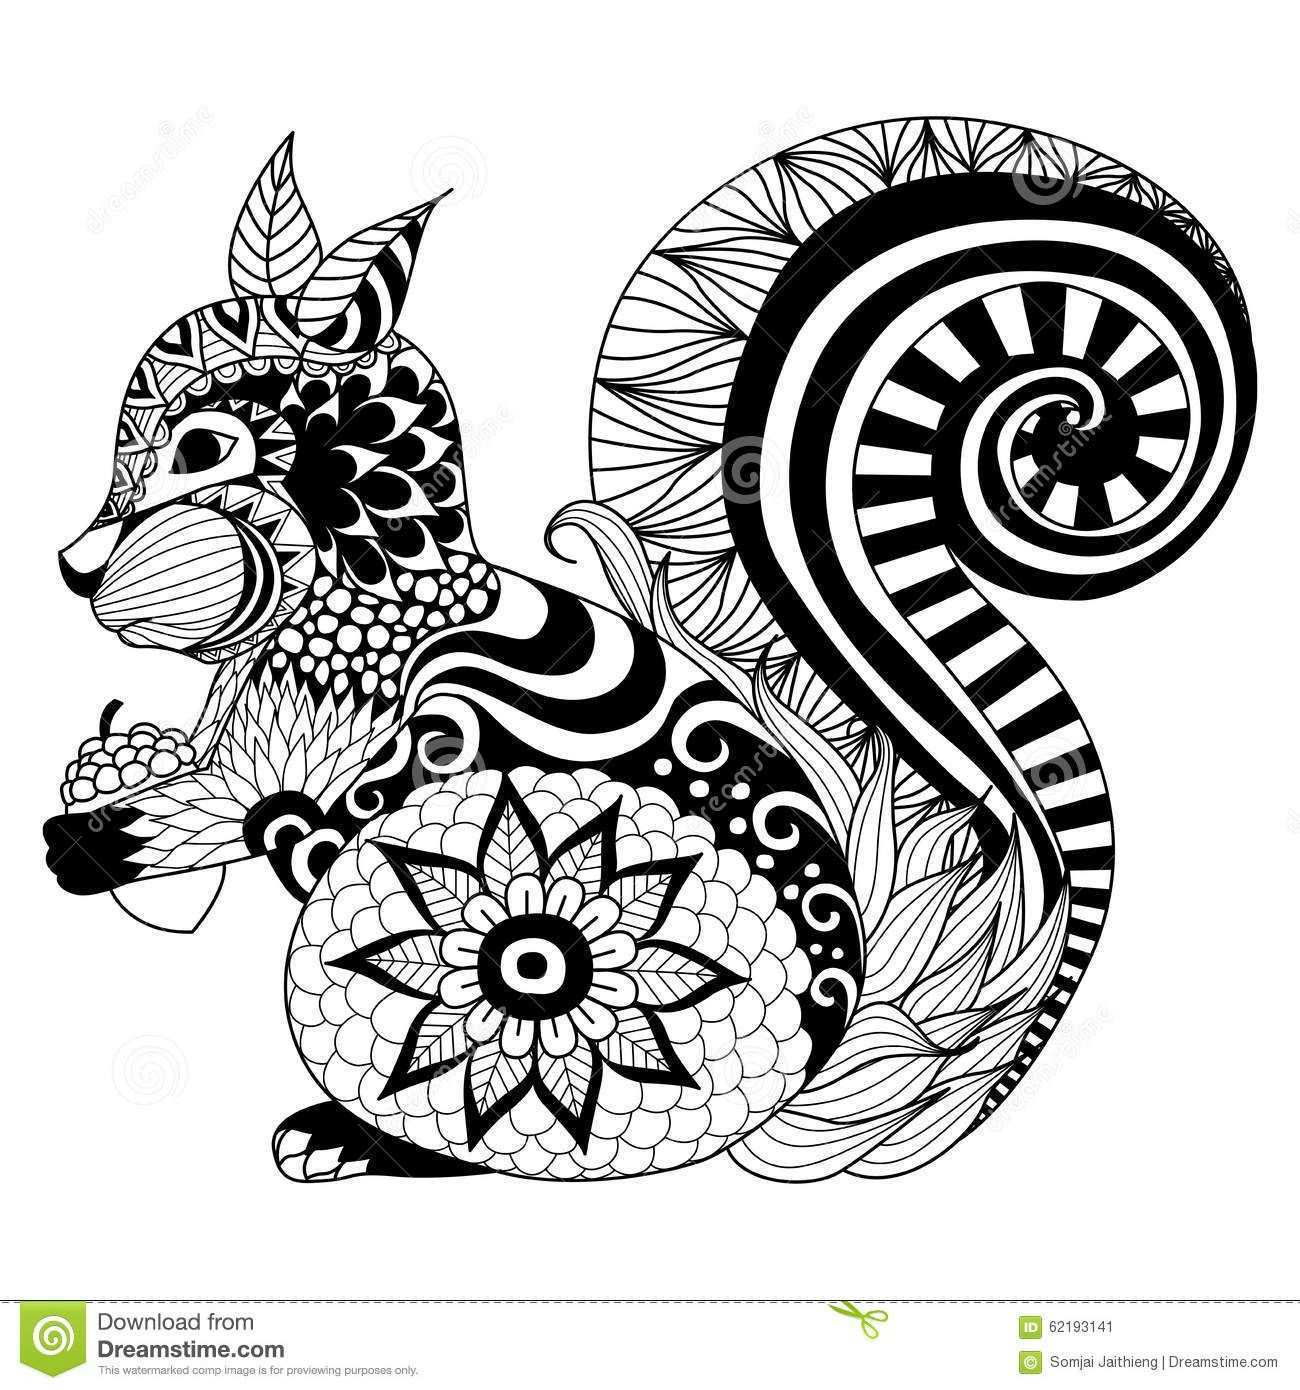 Hand Drawn Squirrel Zentangle Style Coloring Book Tattoo T Shirt Design Logo 62193141 Jpg 1300 1390 Malvorlagen Tiere Zentangle Vorlagen Mandala Ausmalen